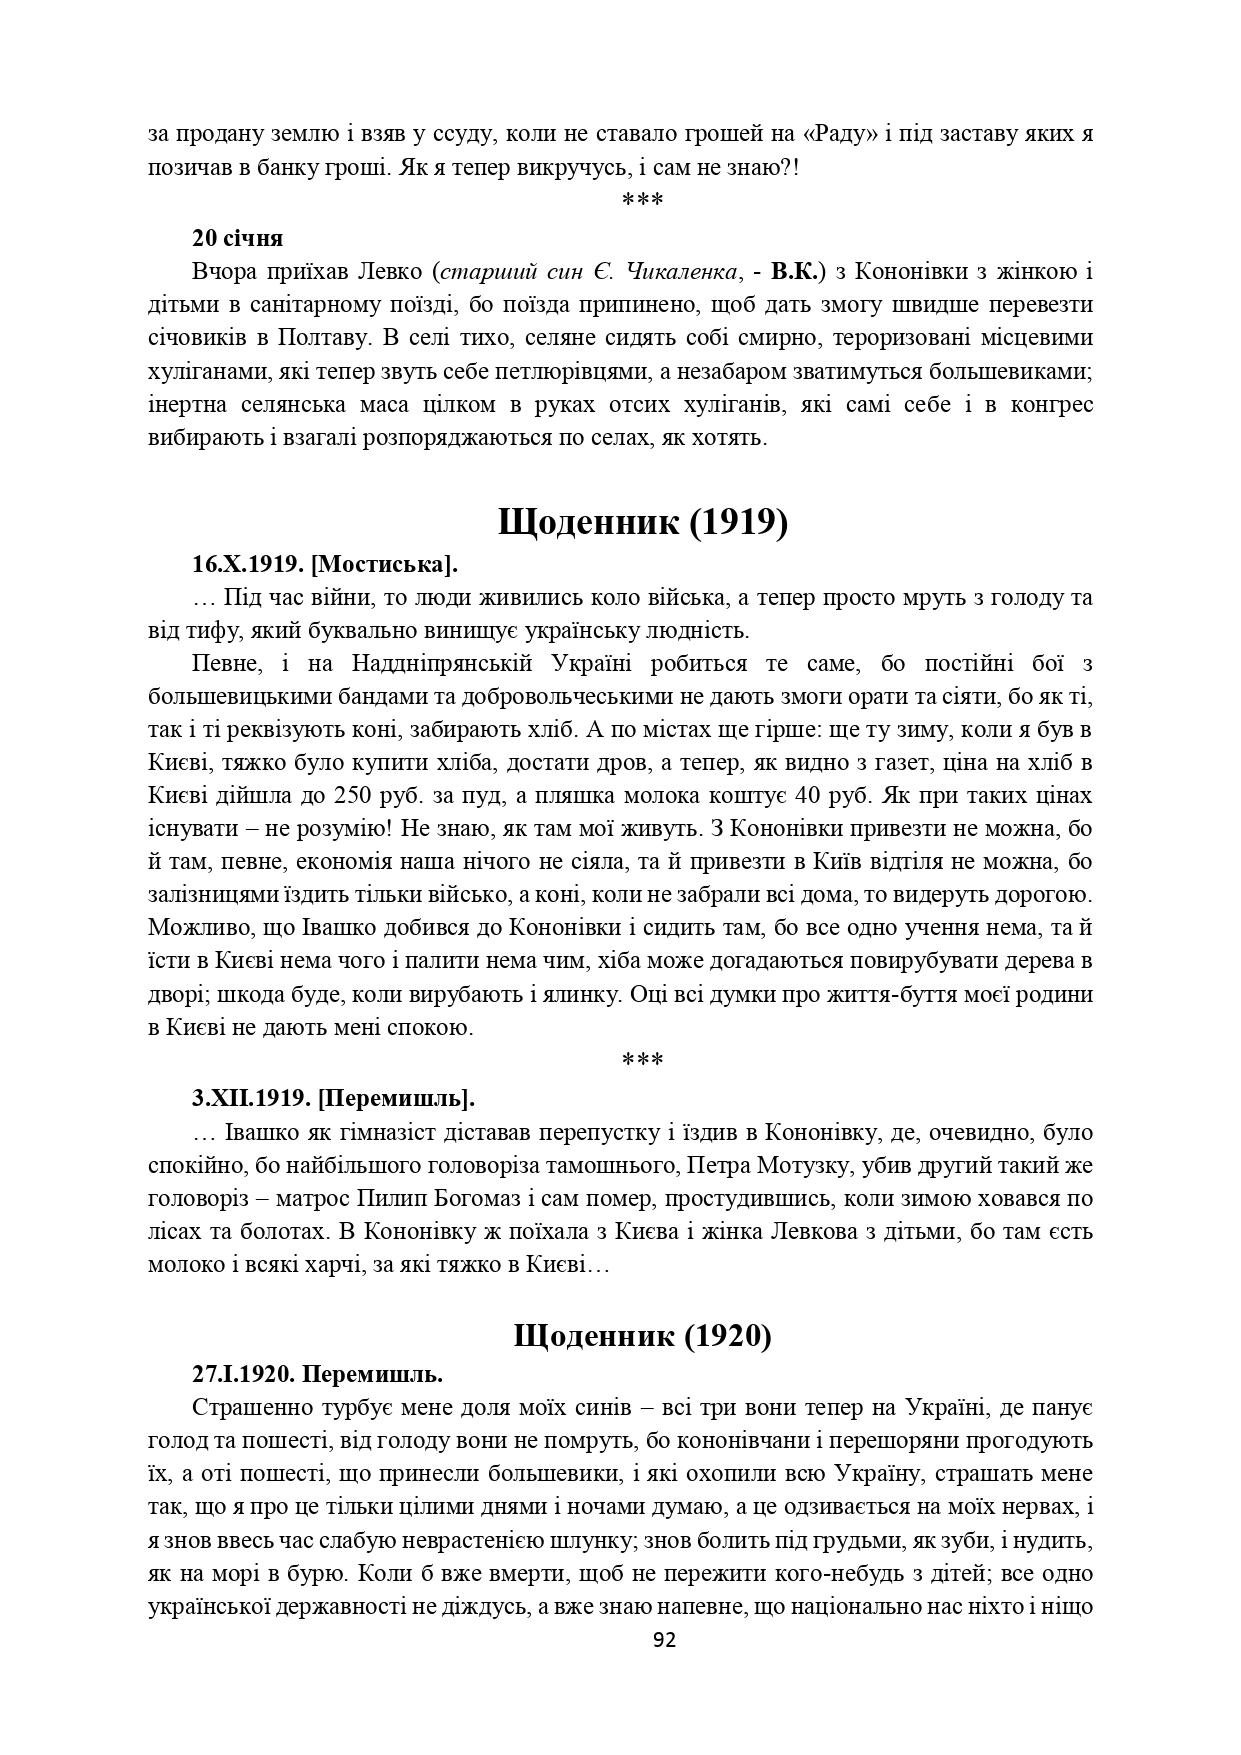 ІСТОРІЯ СЕЛА КОНОНІВКА 2021 (1)_page-0092